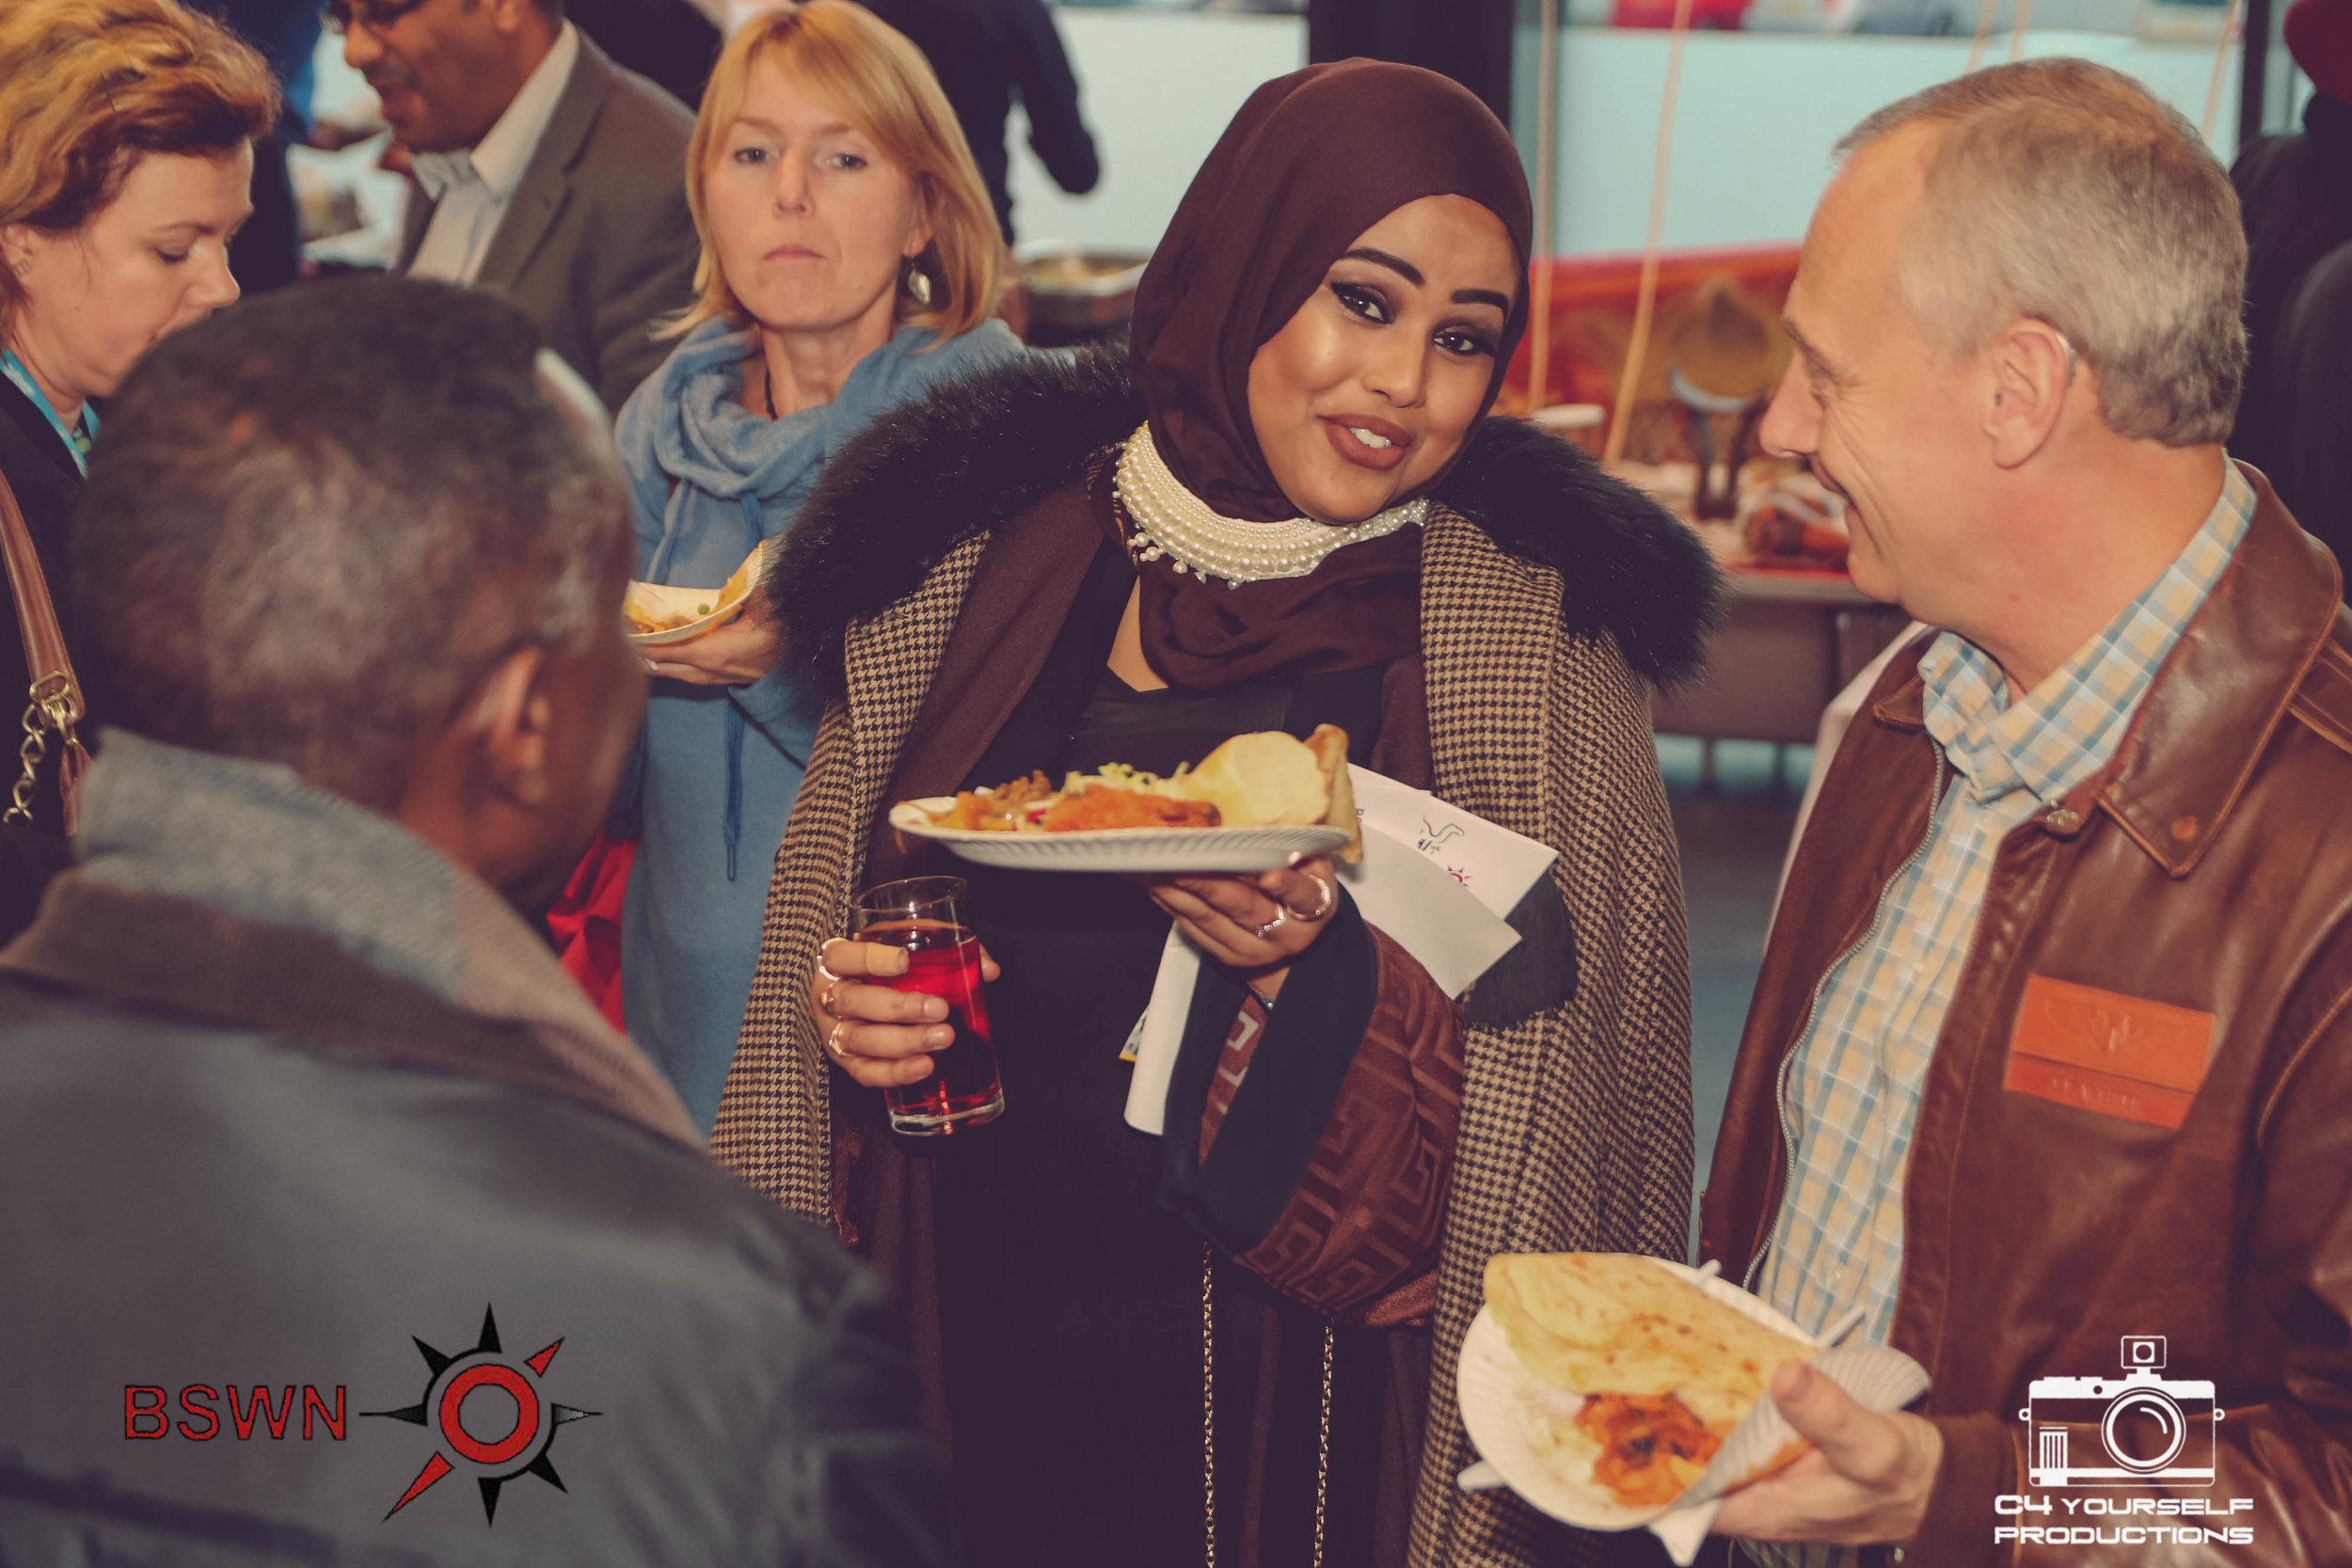 26-10-16-somali-festival-launch-104 (1).jpg